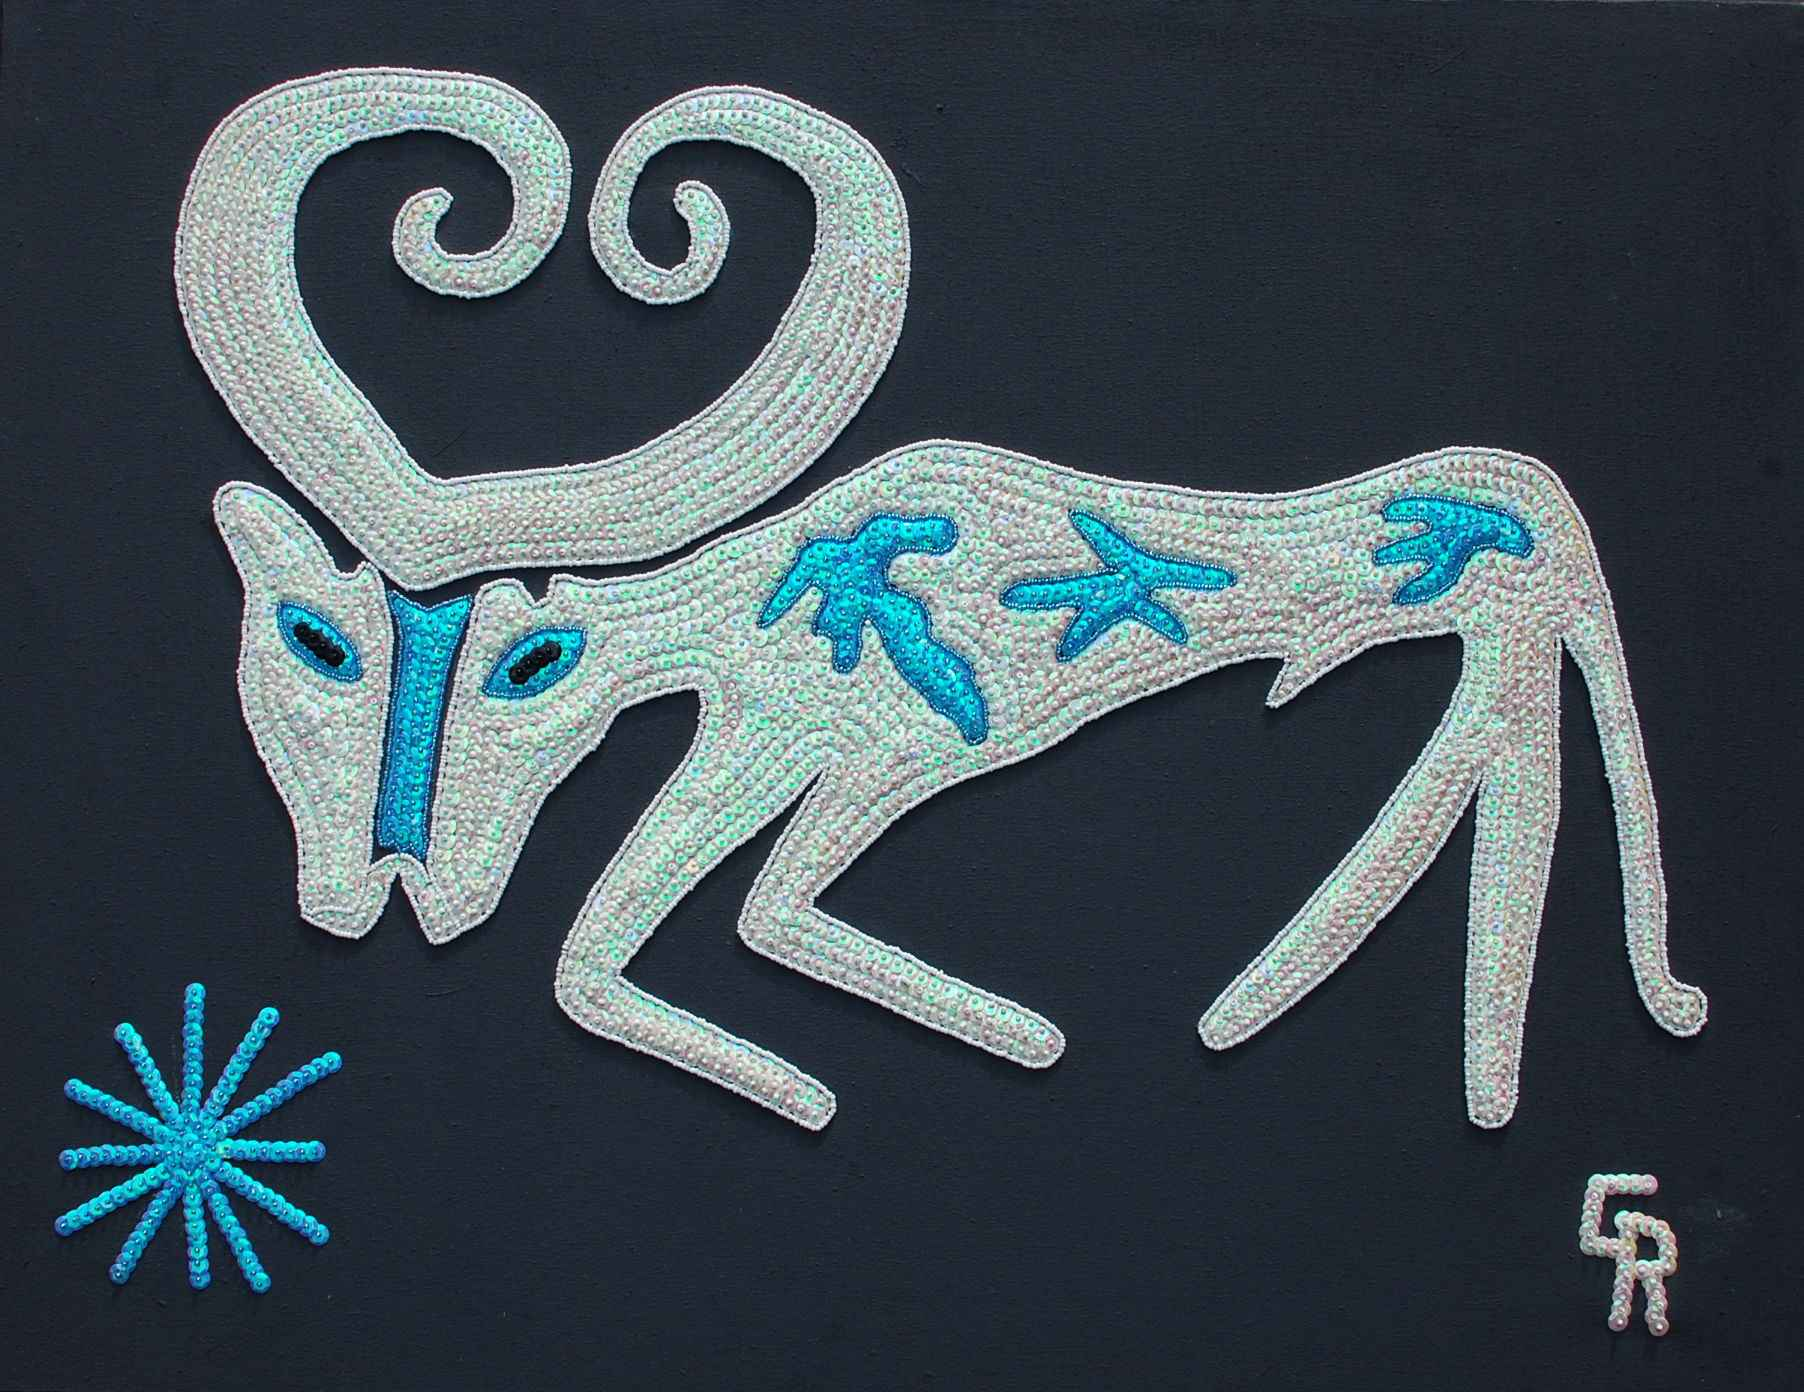 Aries by  Reynold CLERISIER - Masterpiece Online